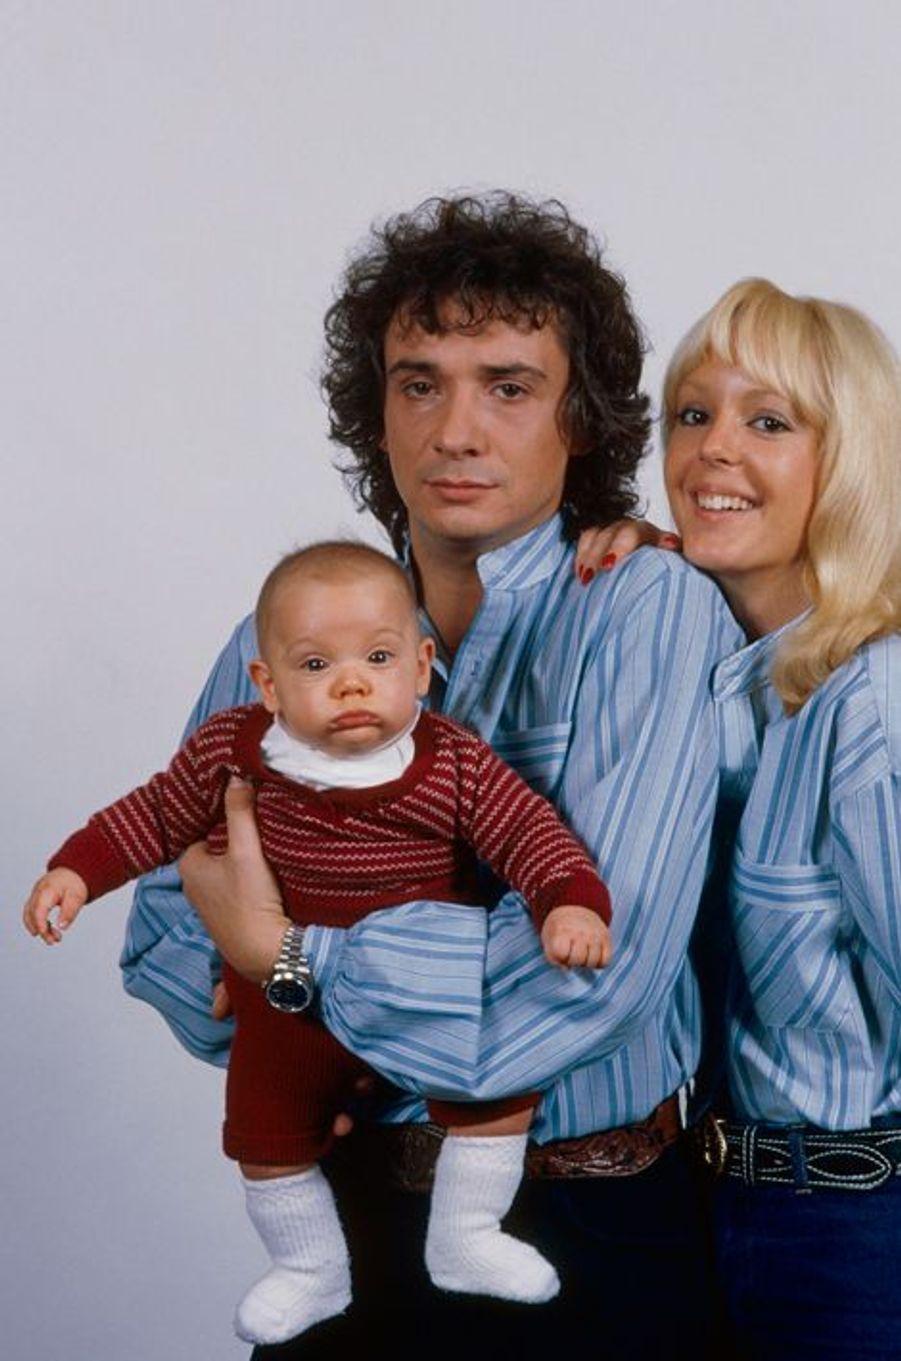 Michel Sardou tient dans ses bras son fils Davy, 5 mois, au côté de son épouse Babette